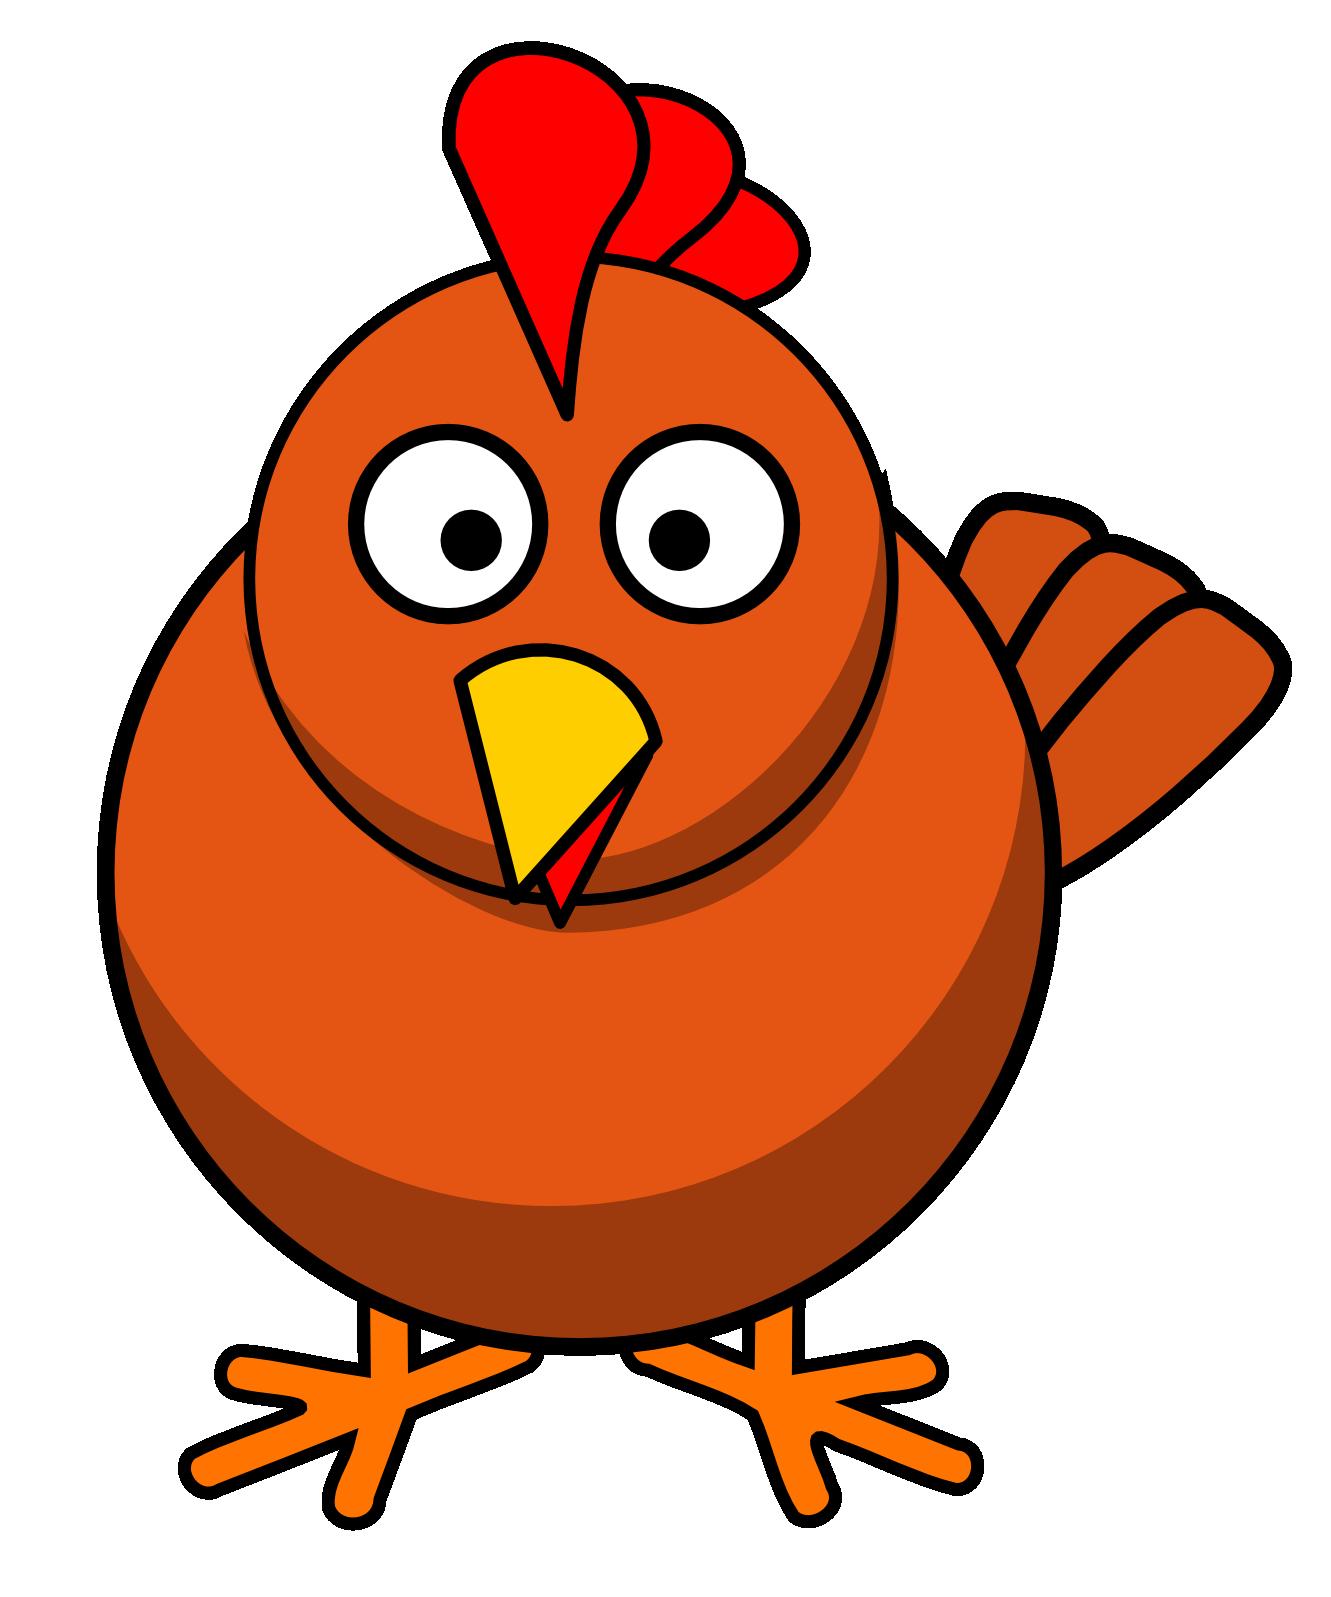 1331x1597 Best Fried Chicken Clipart